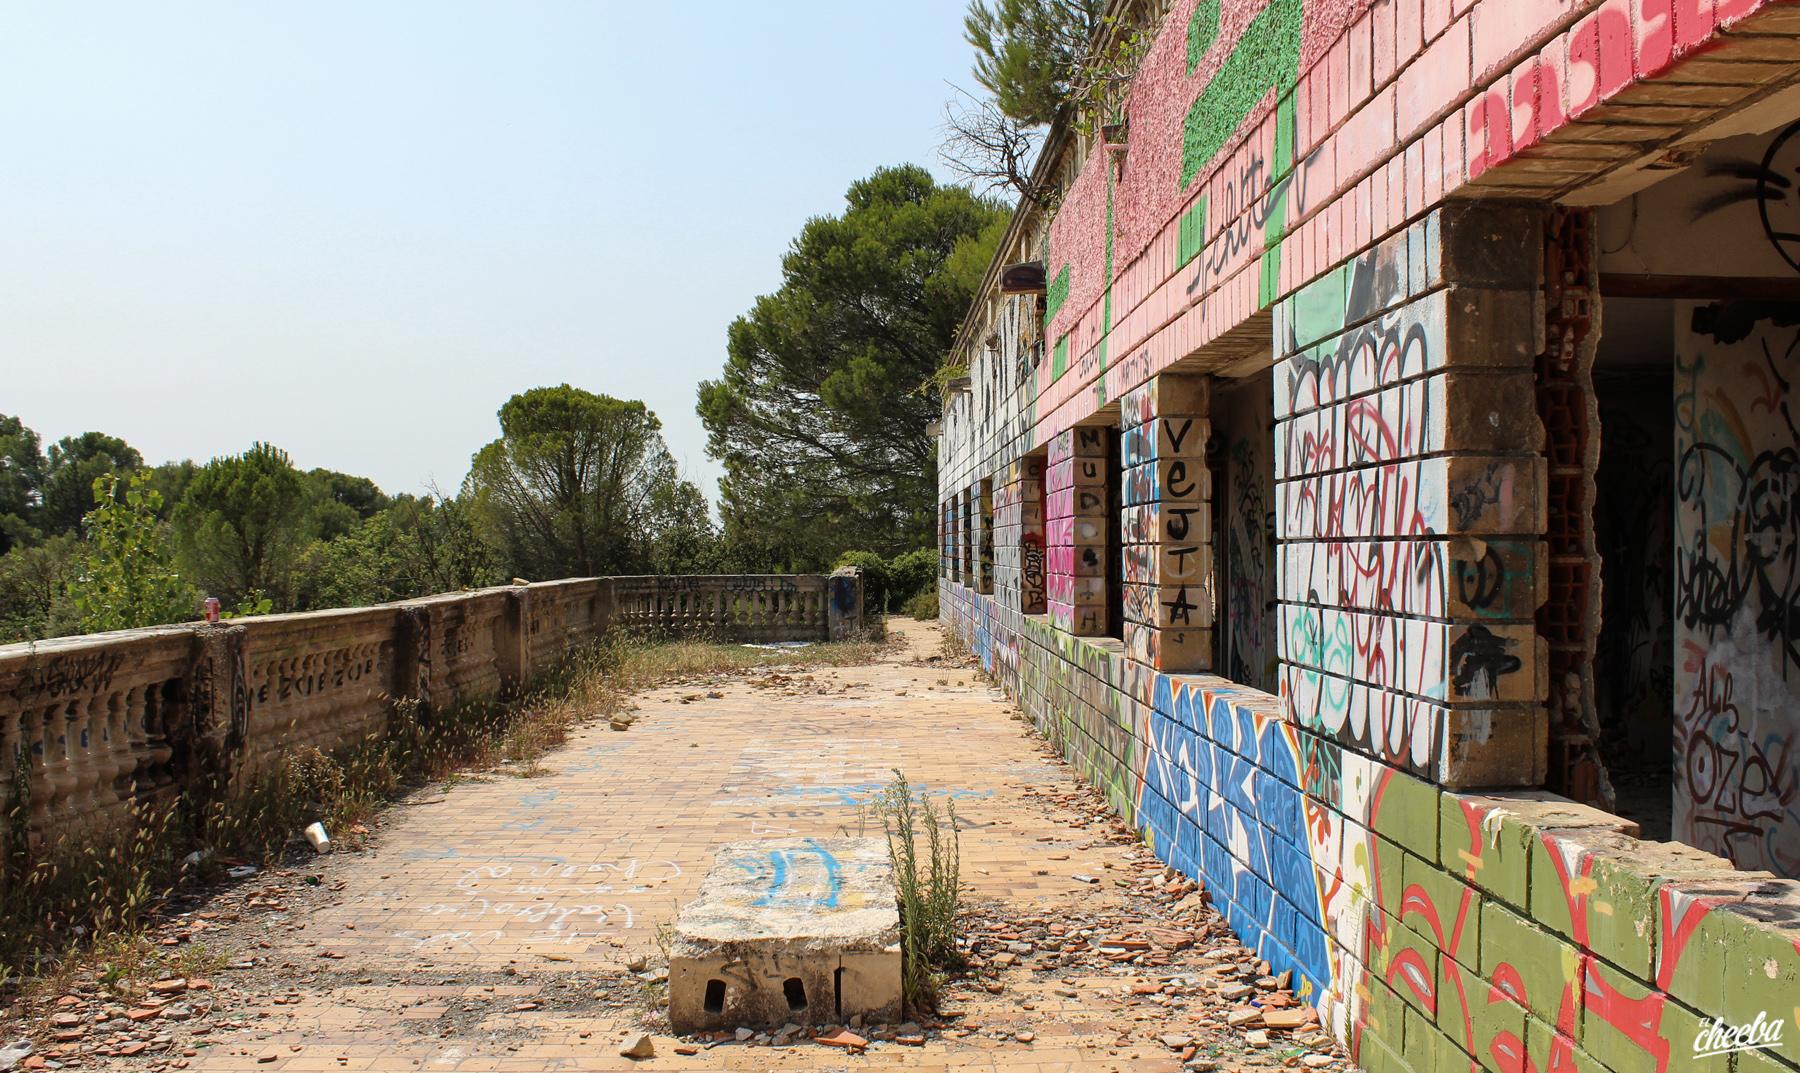 Urbex à l'hôtel-discothèque Le Zoom, abandonné à Velleron dans le Vaucluse - Urbex Paca